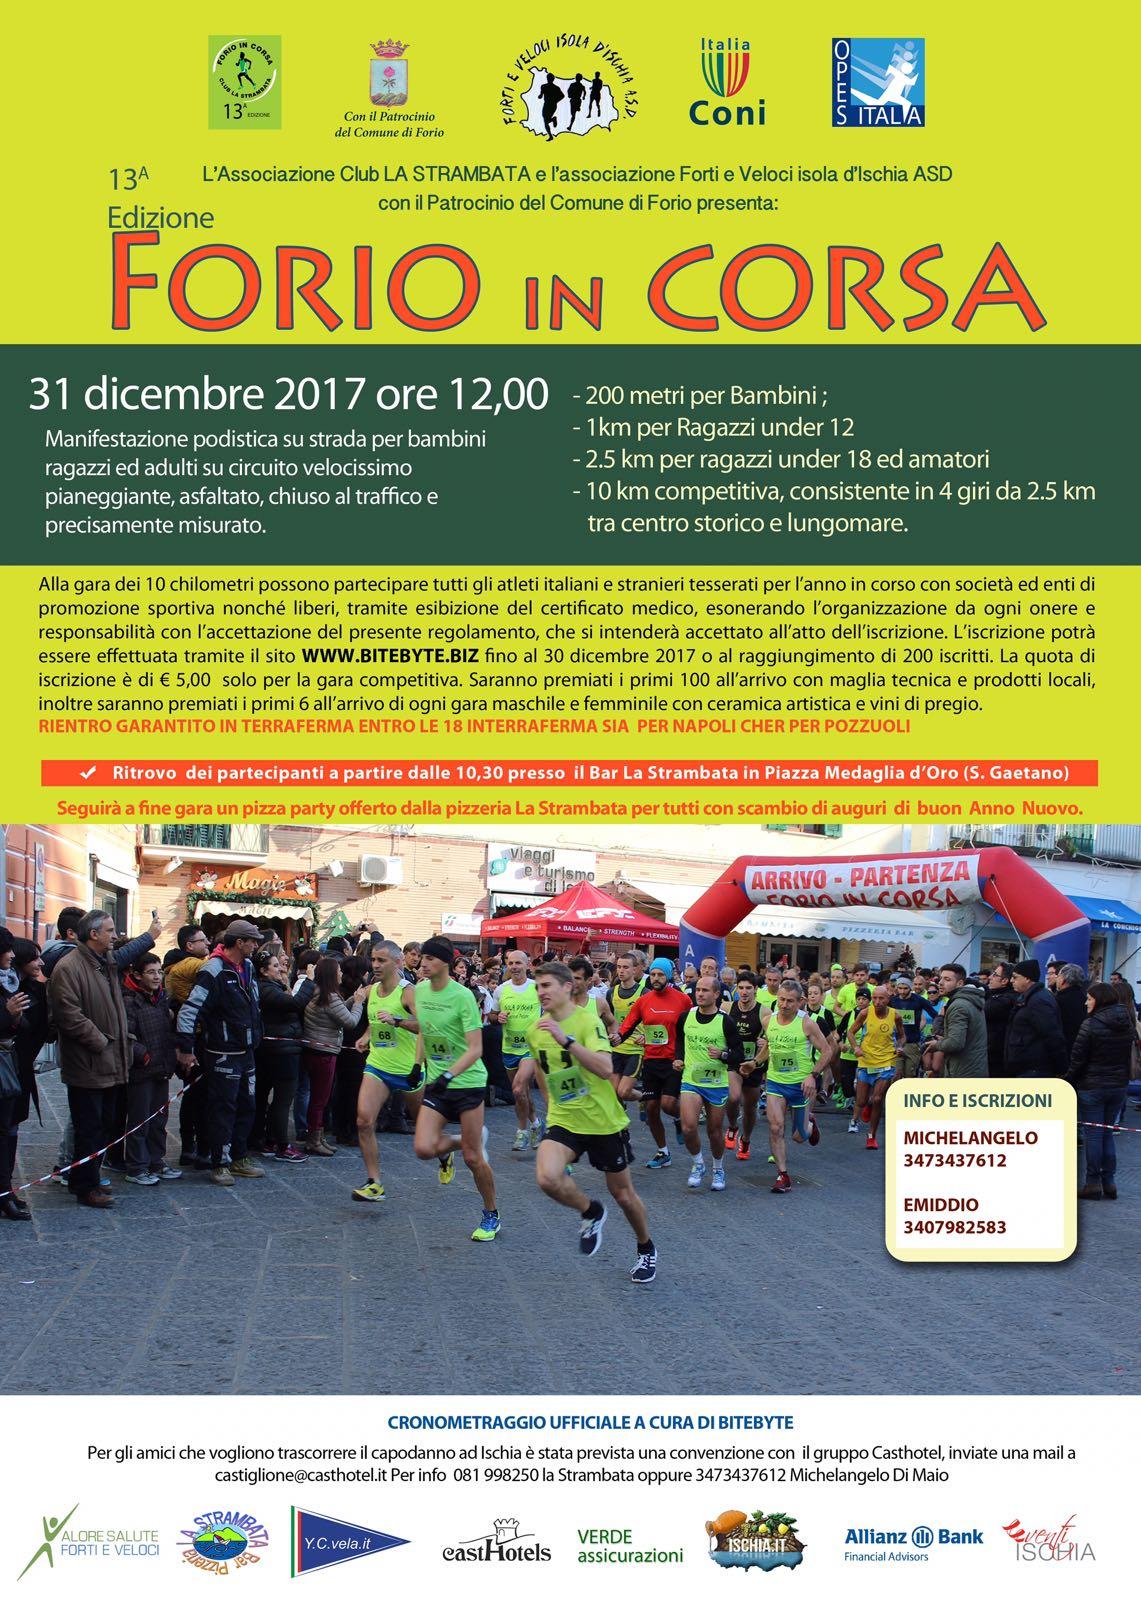 Forio-in-Corsa